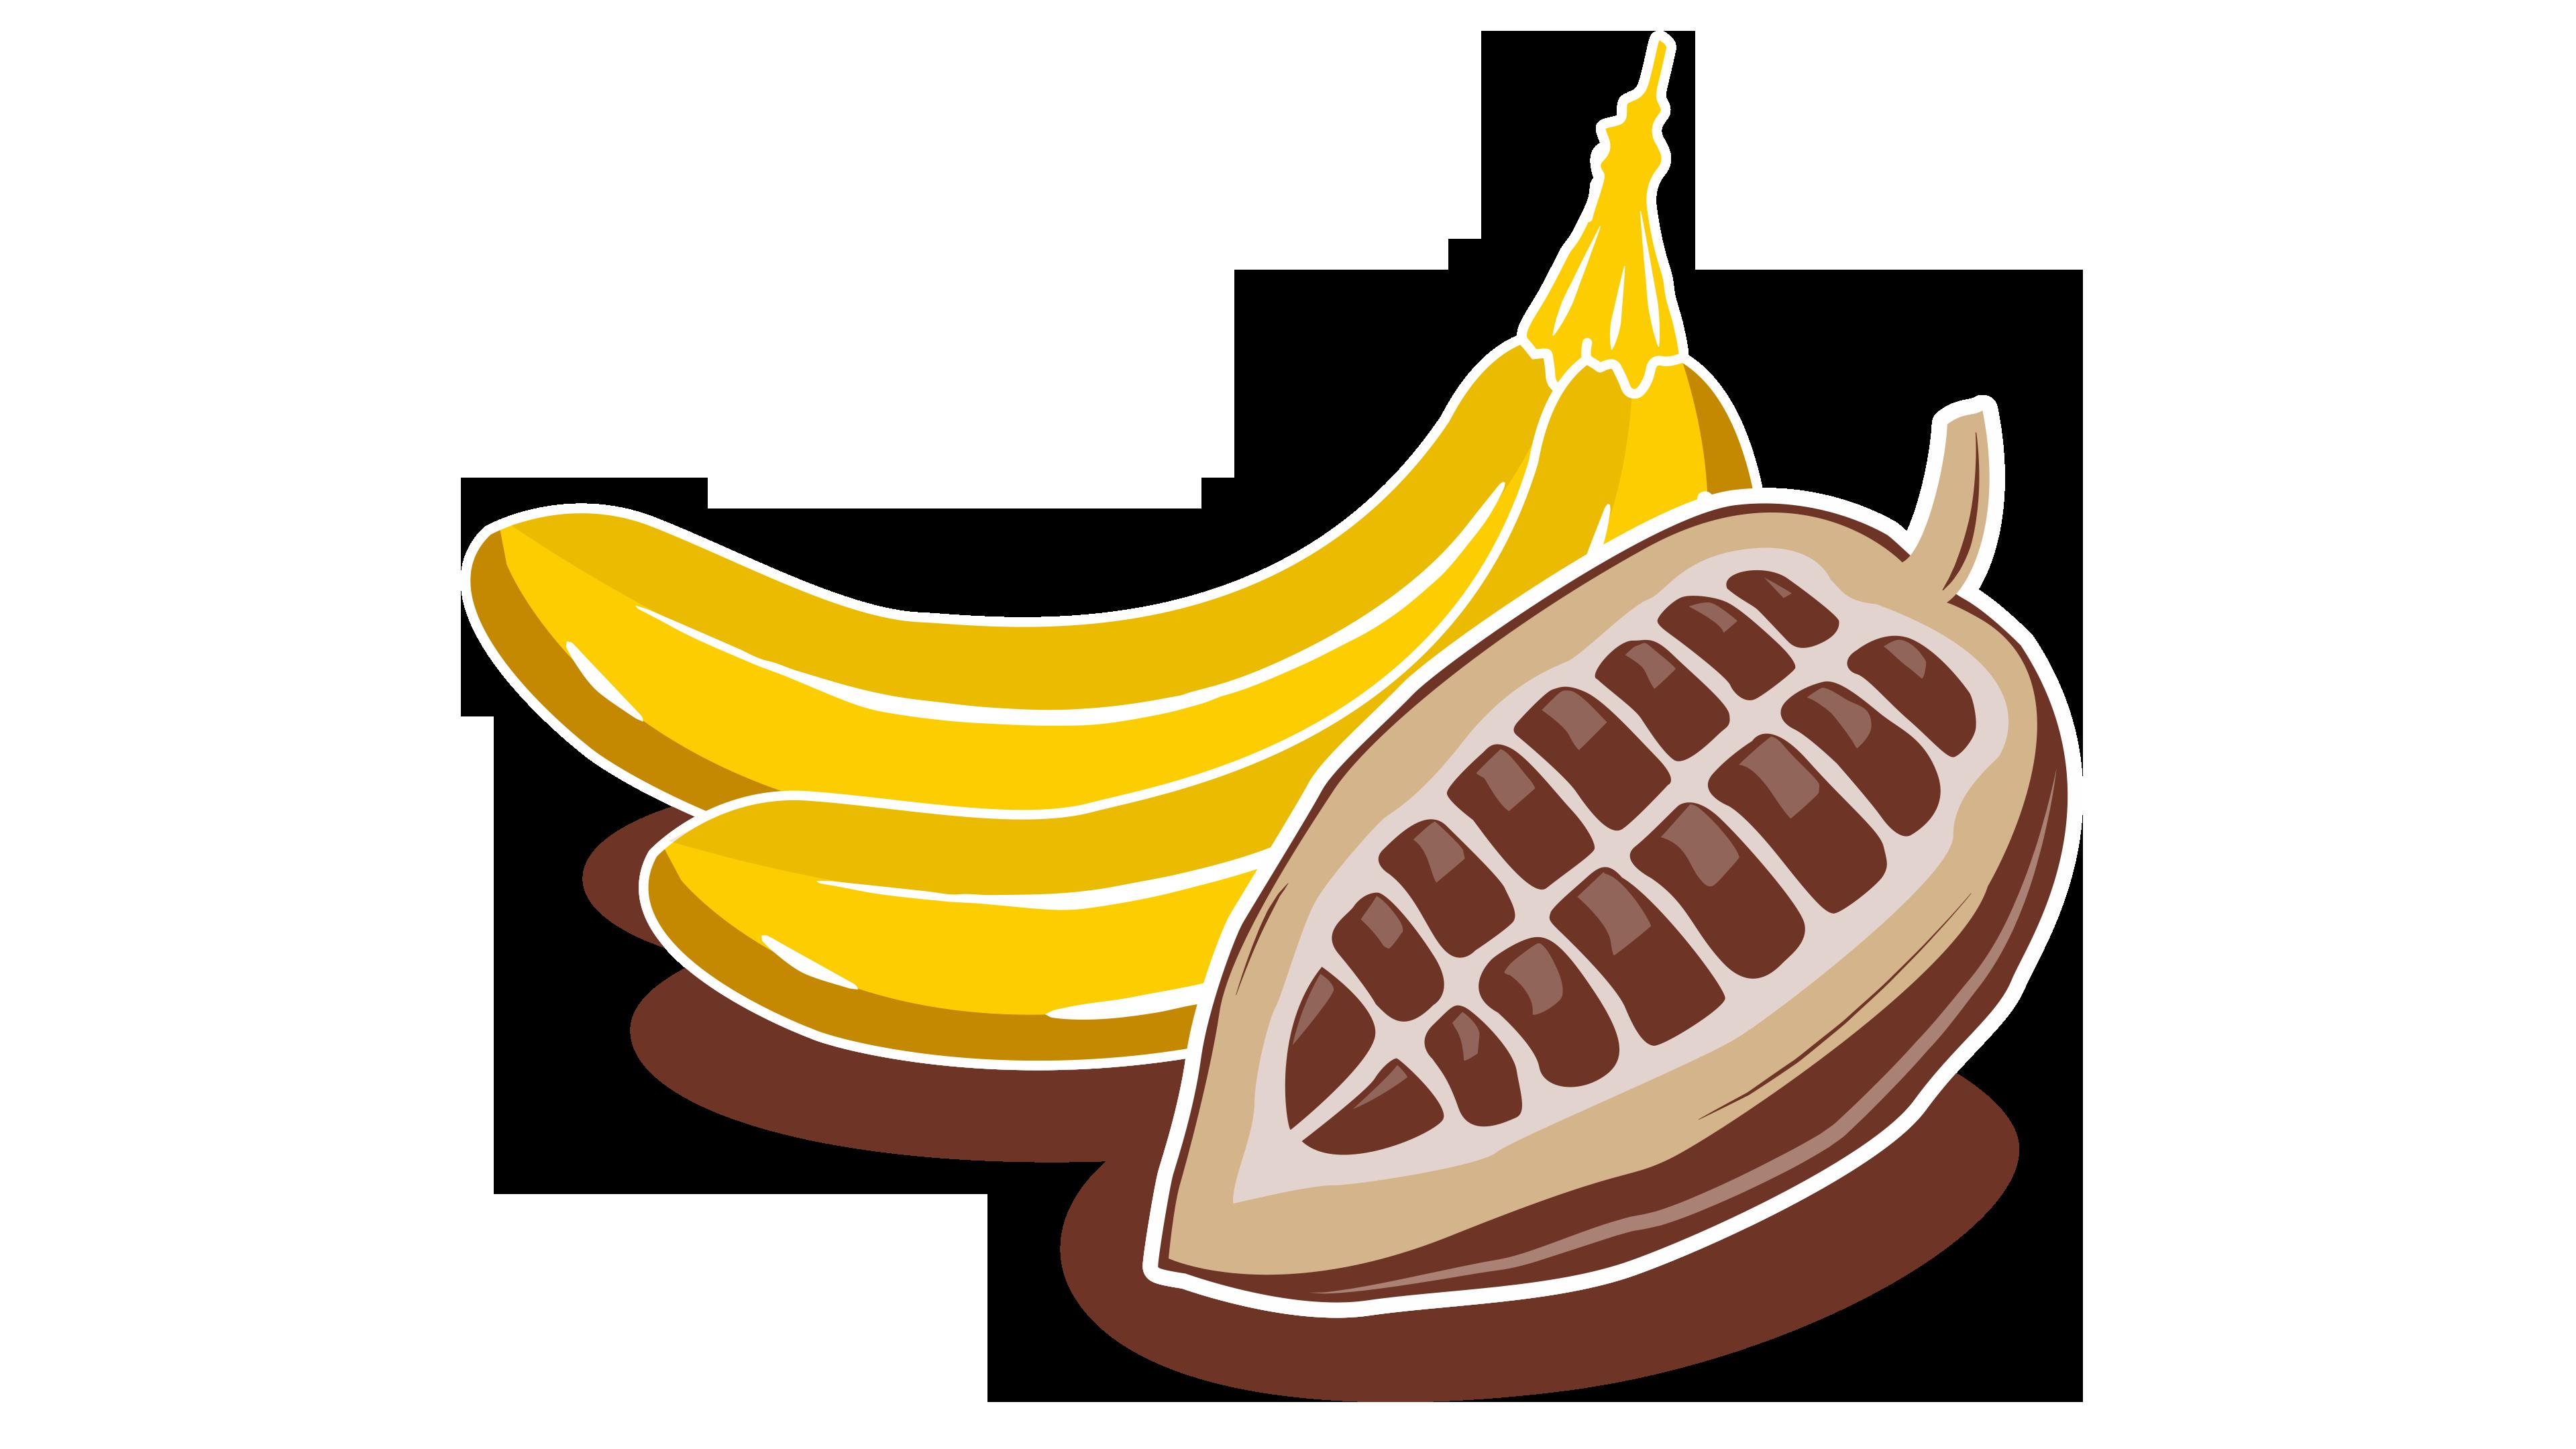 Getreideriegel, Crunchies und gekeimte Müslis mit der Superfrucht.